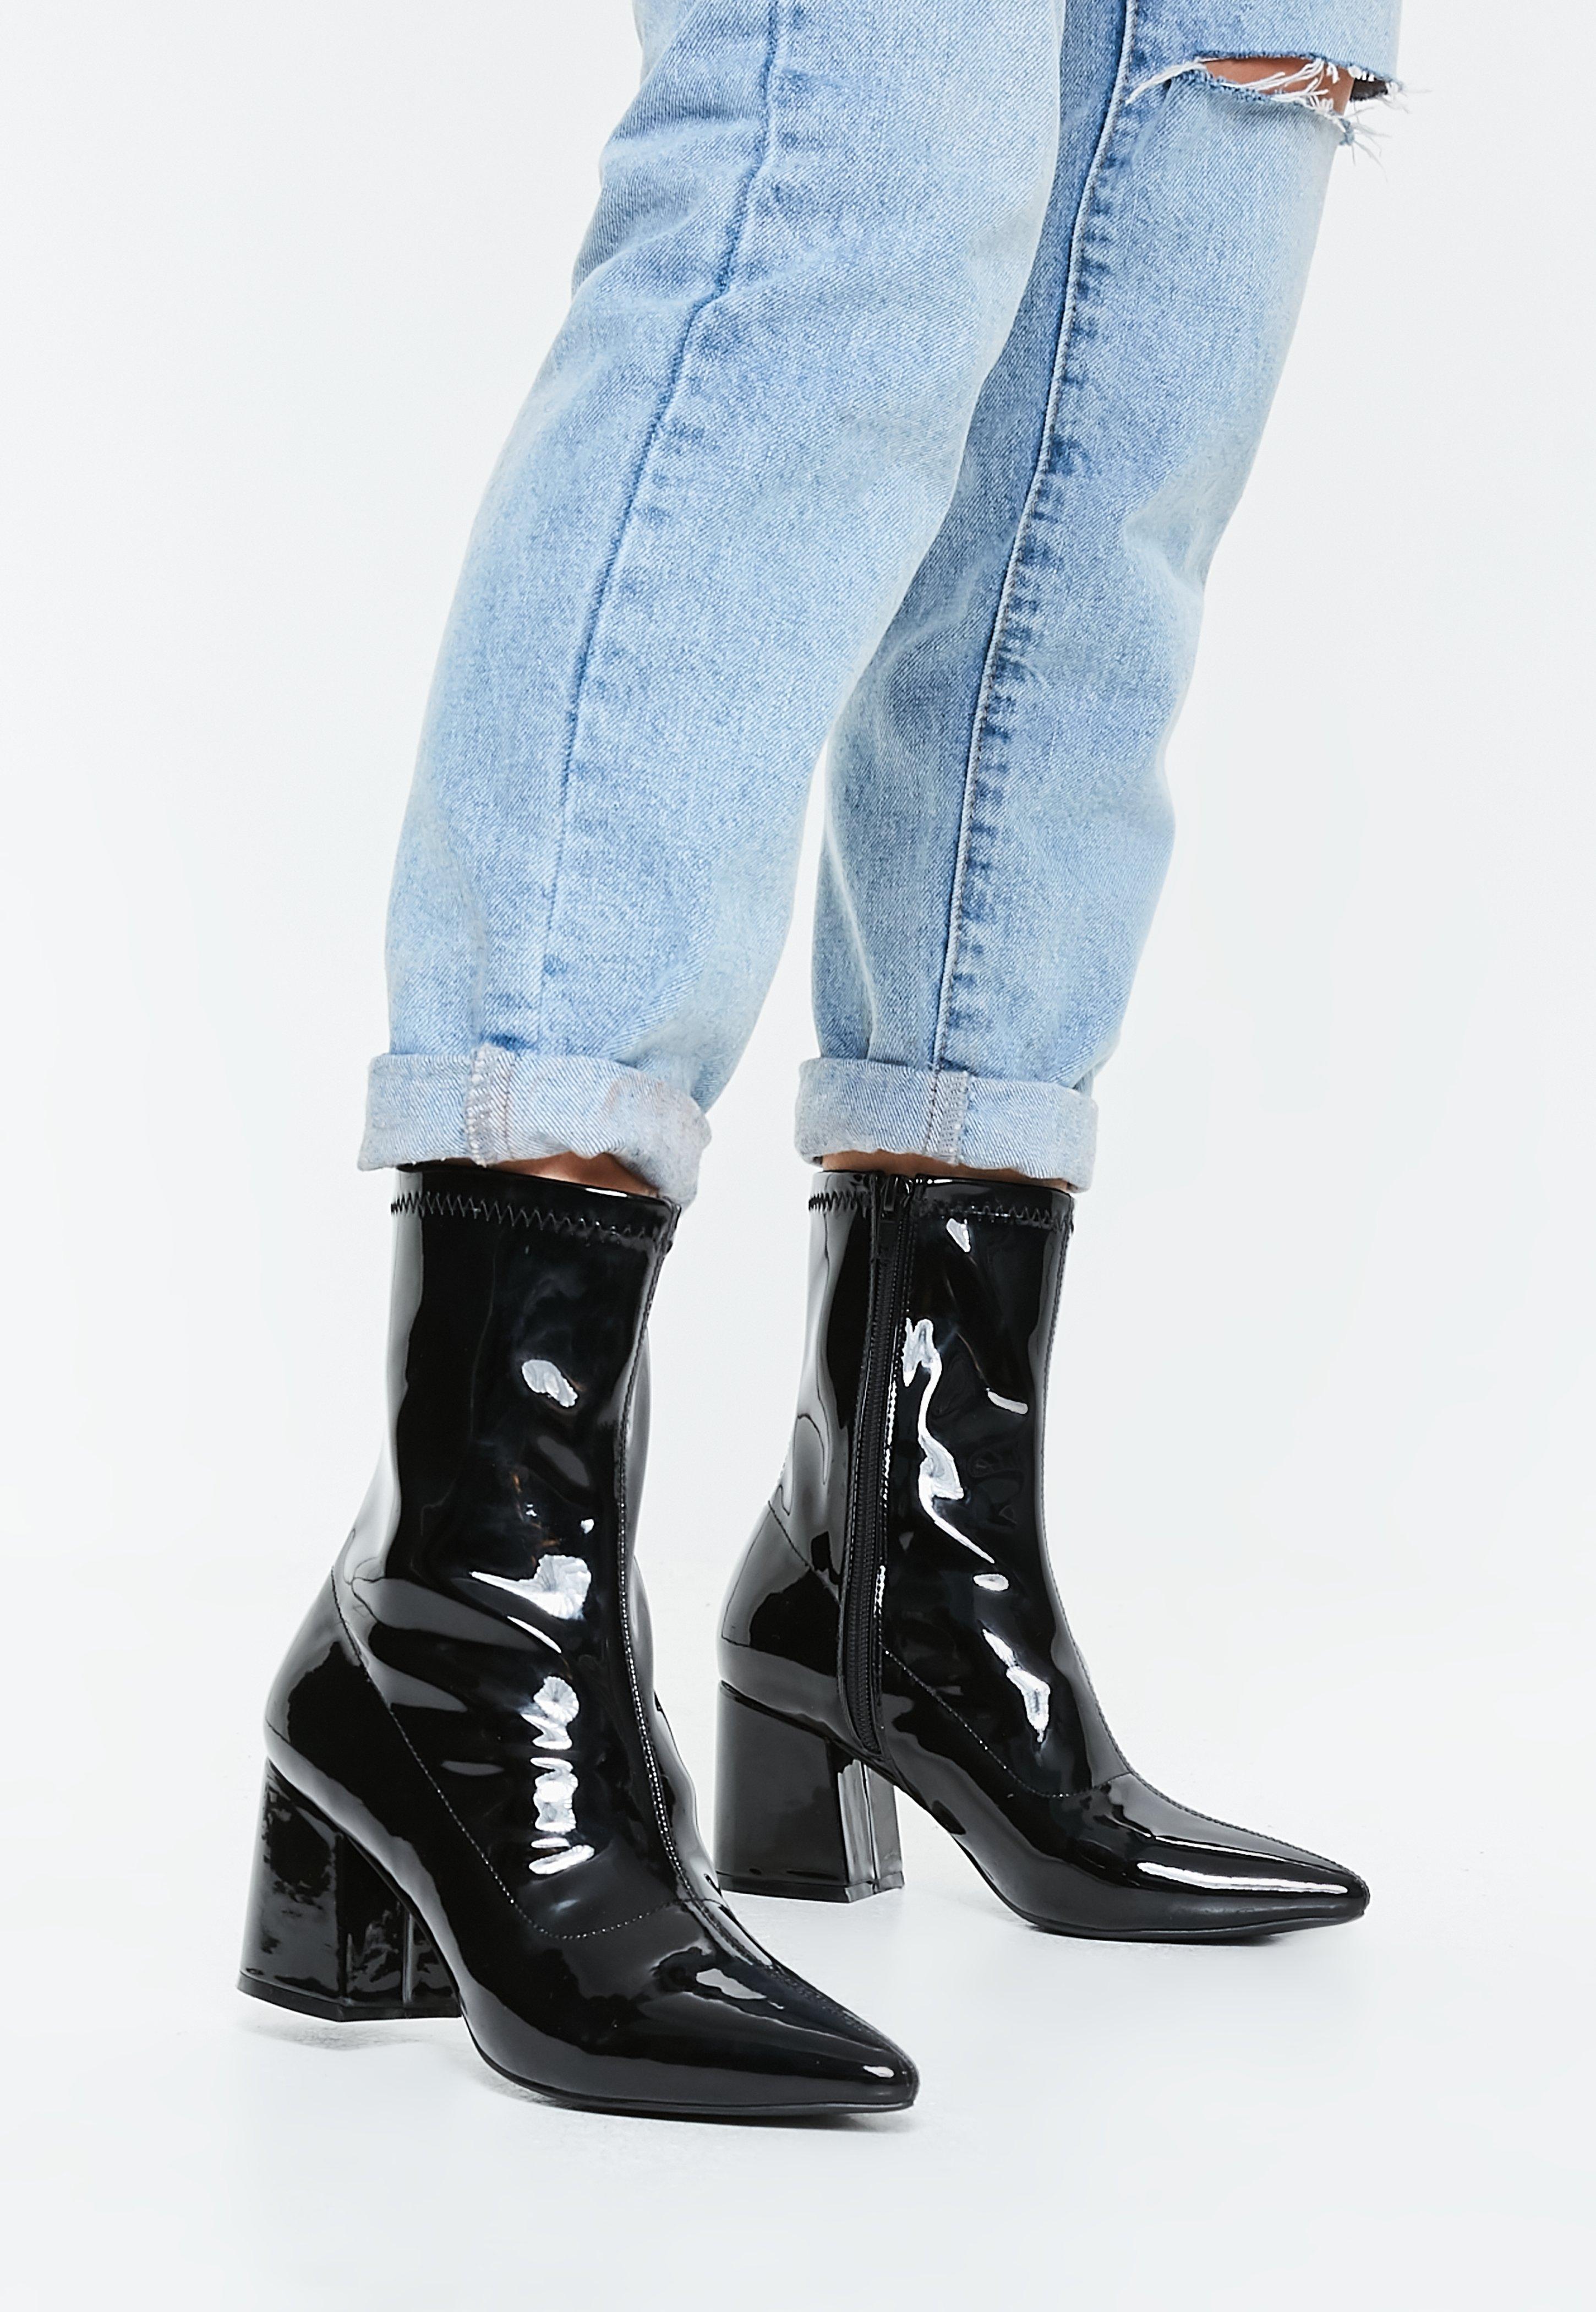 c77a08a7ced Boots femme